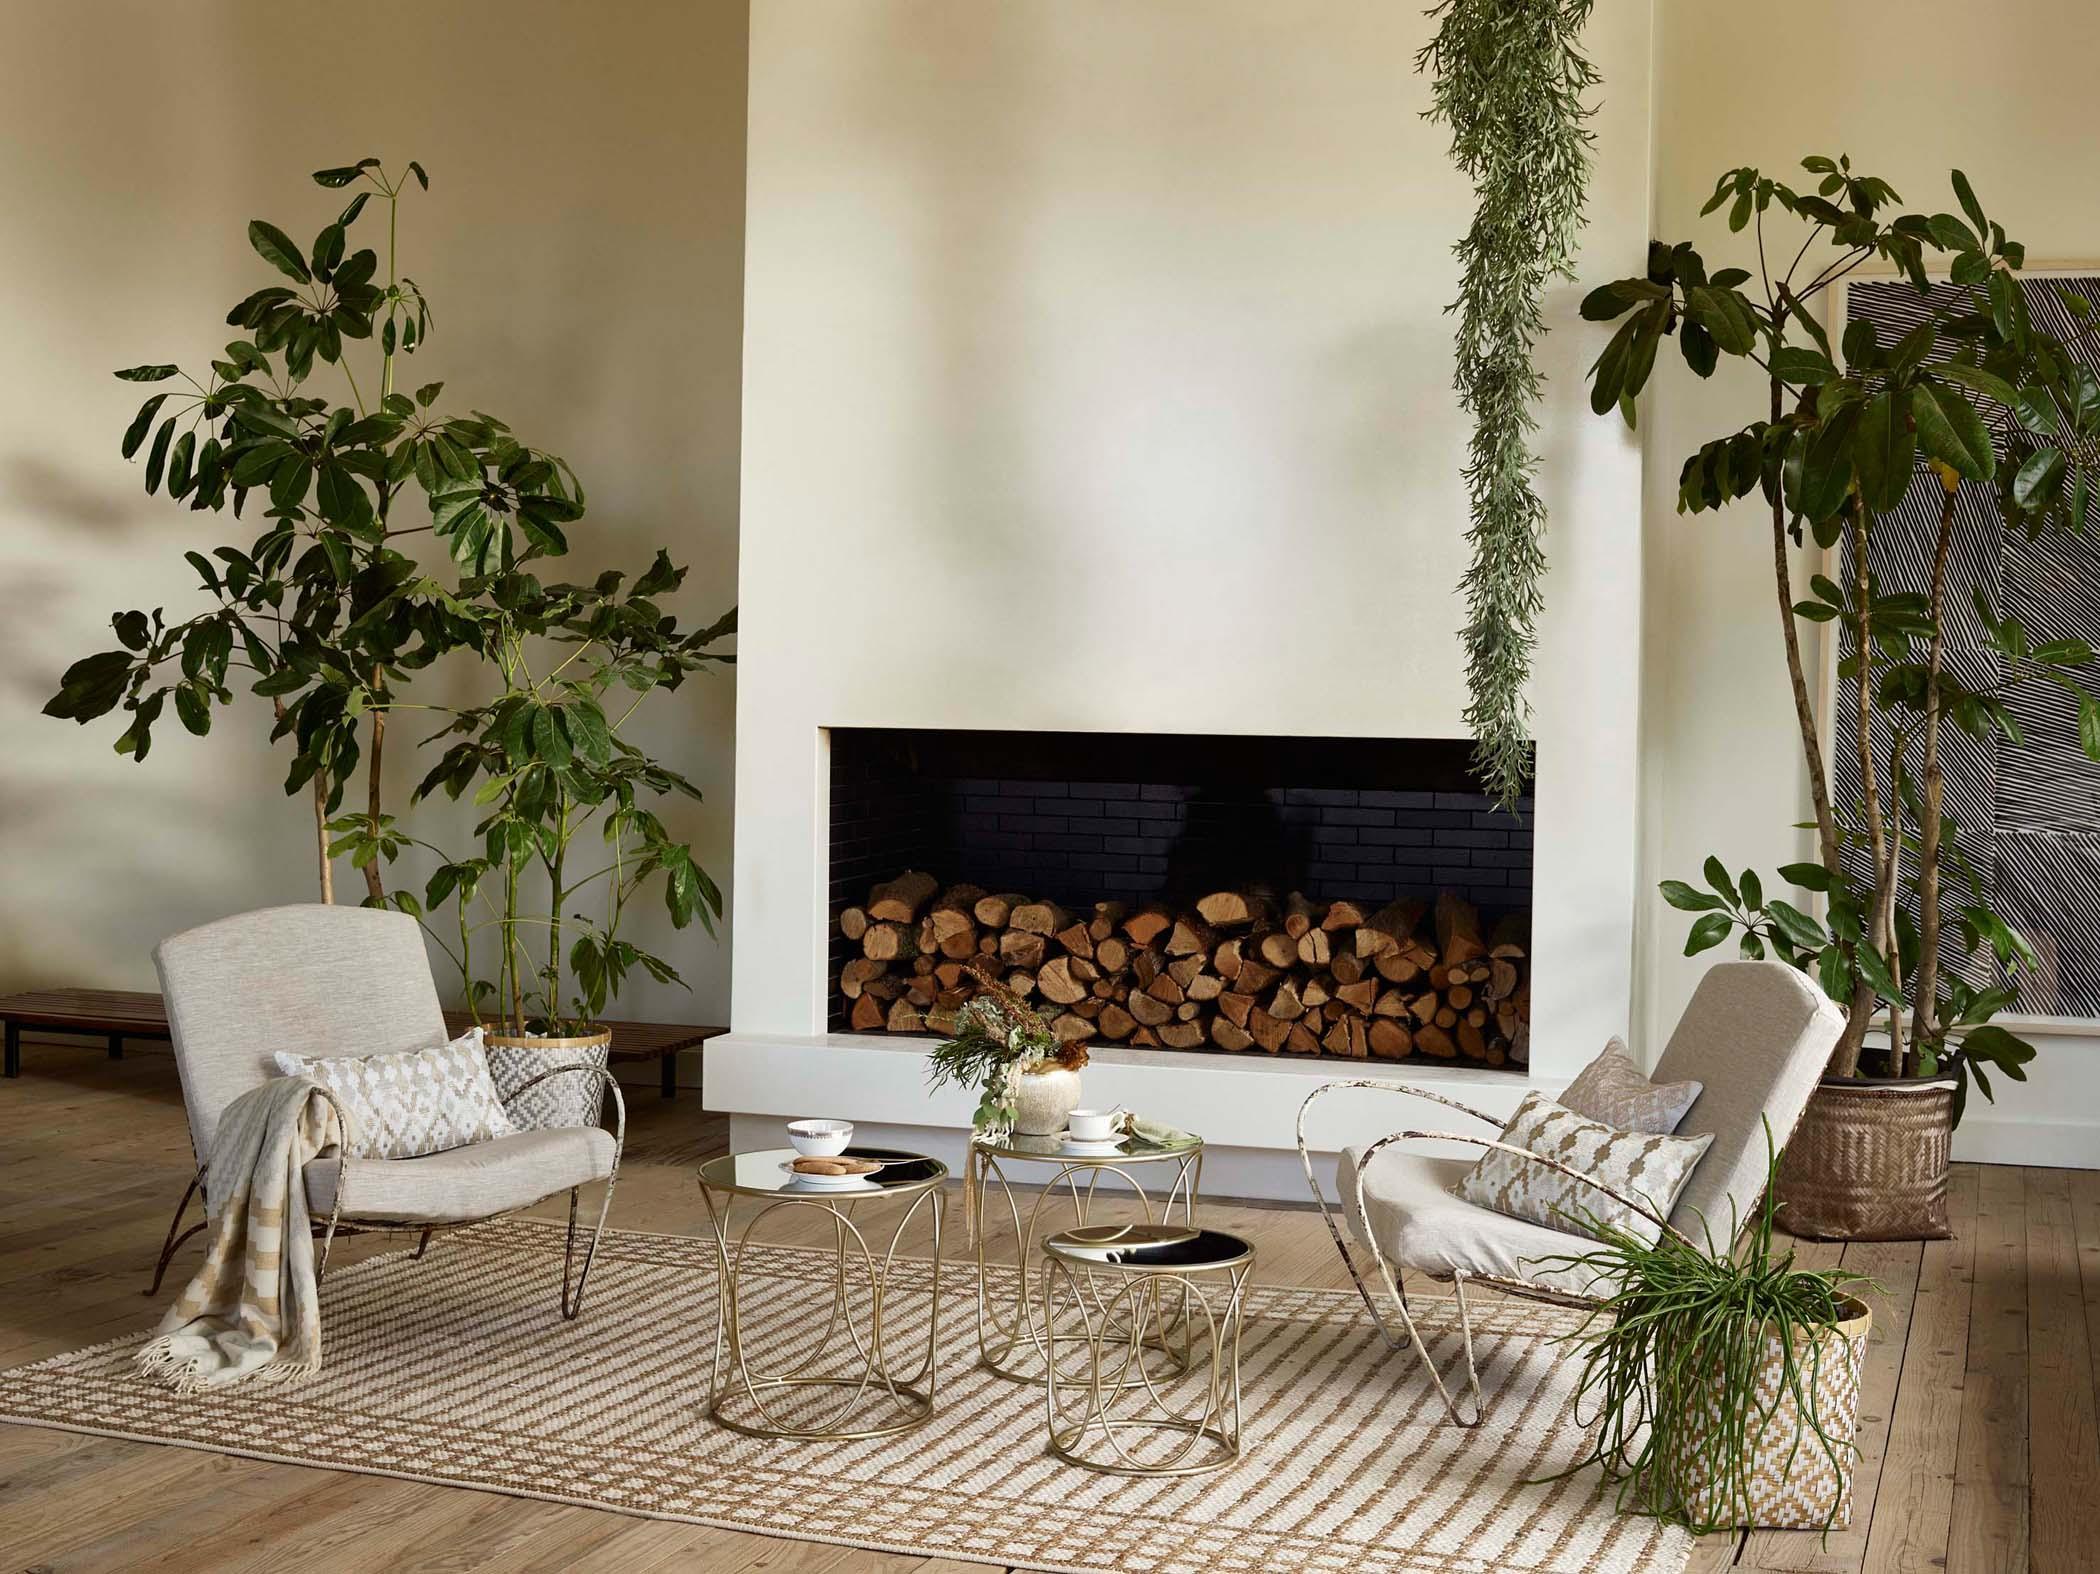 Dschungel Feeling Im Wohnzimmer #beistelltisch #teppich #kamin #sessel  #tagesdecke #